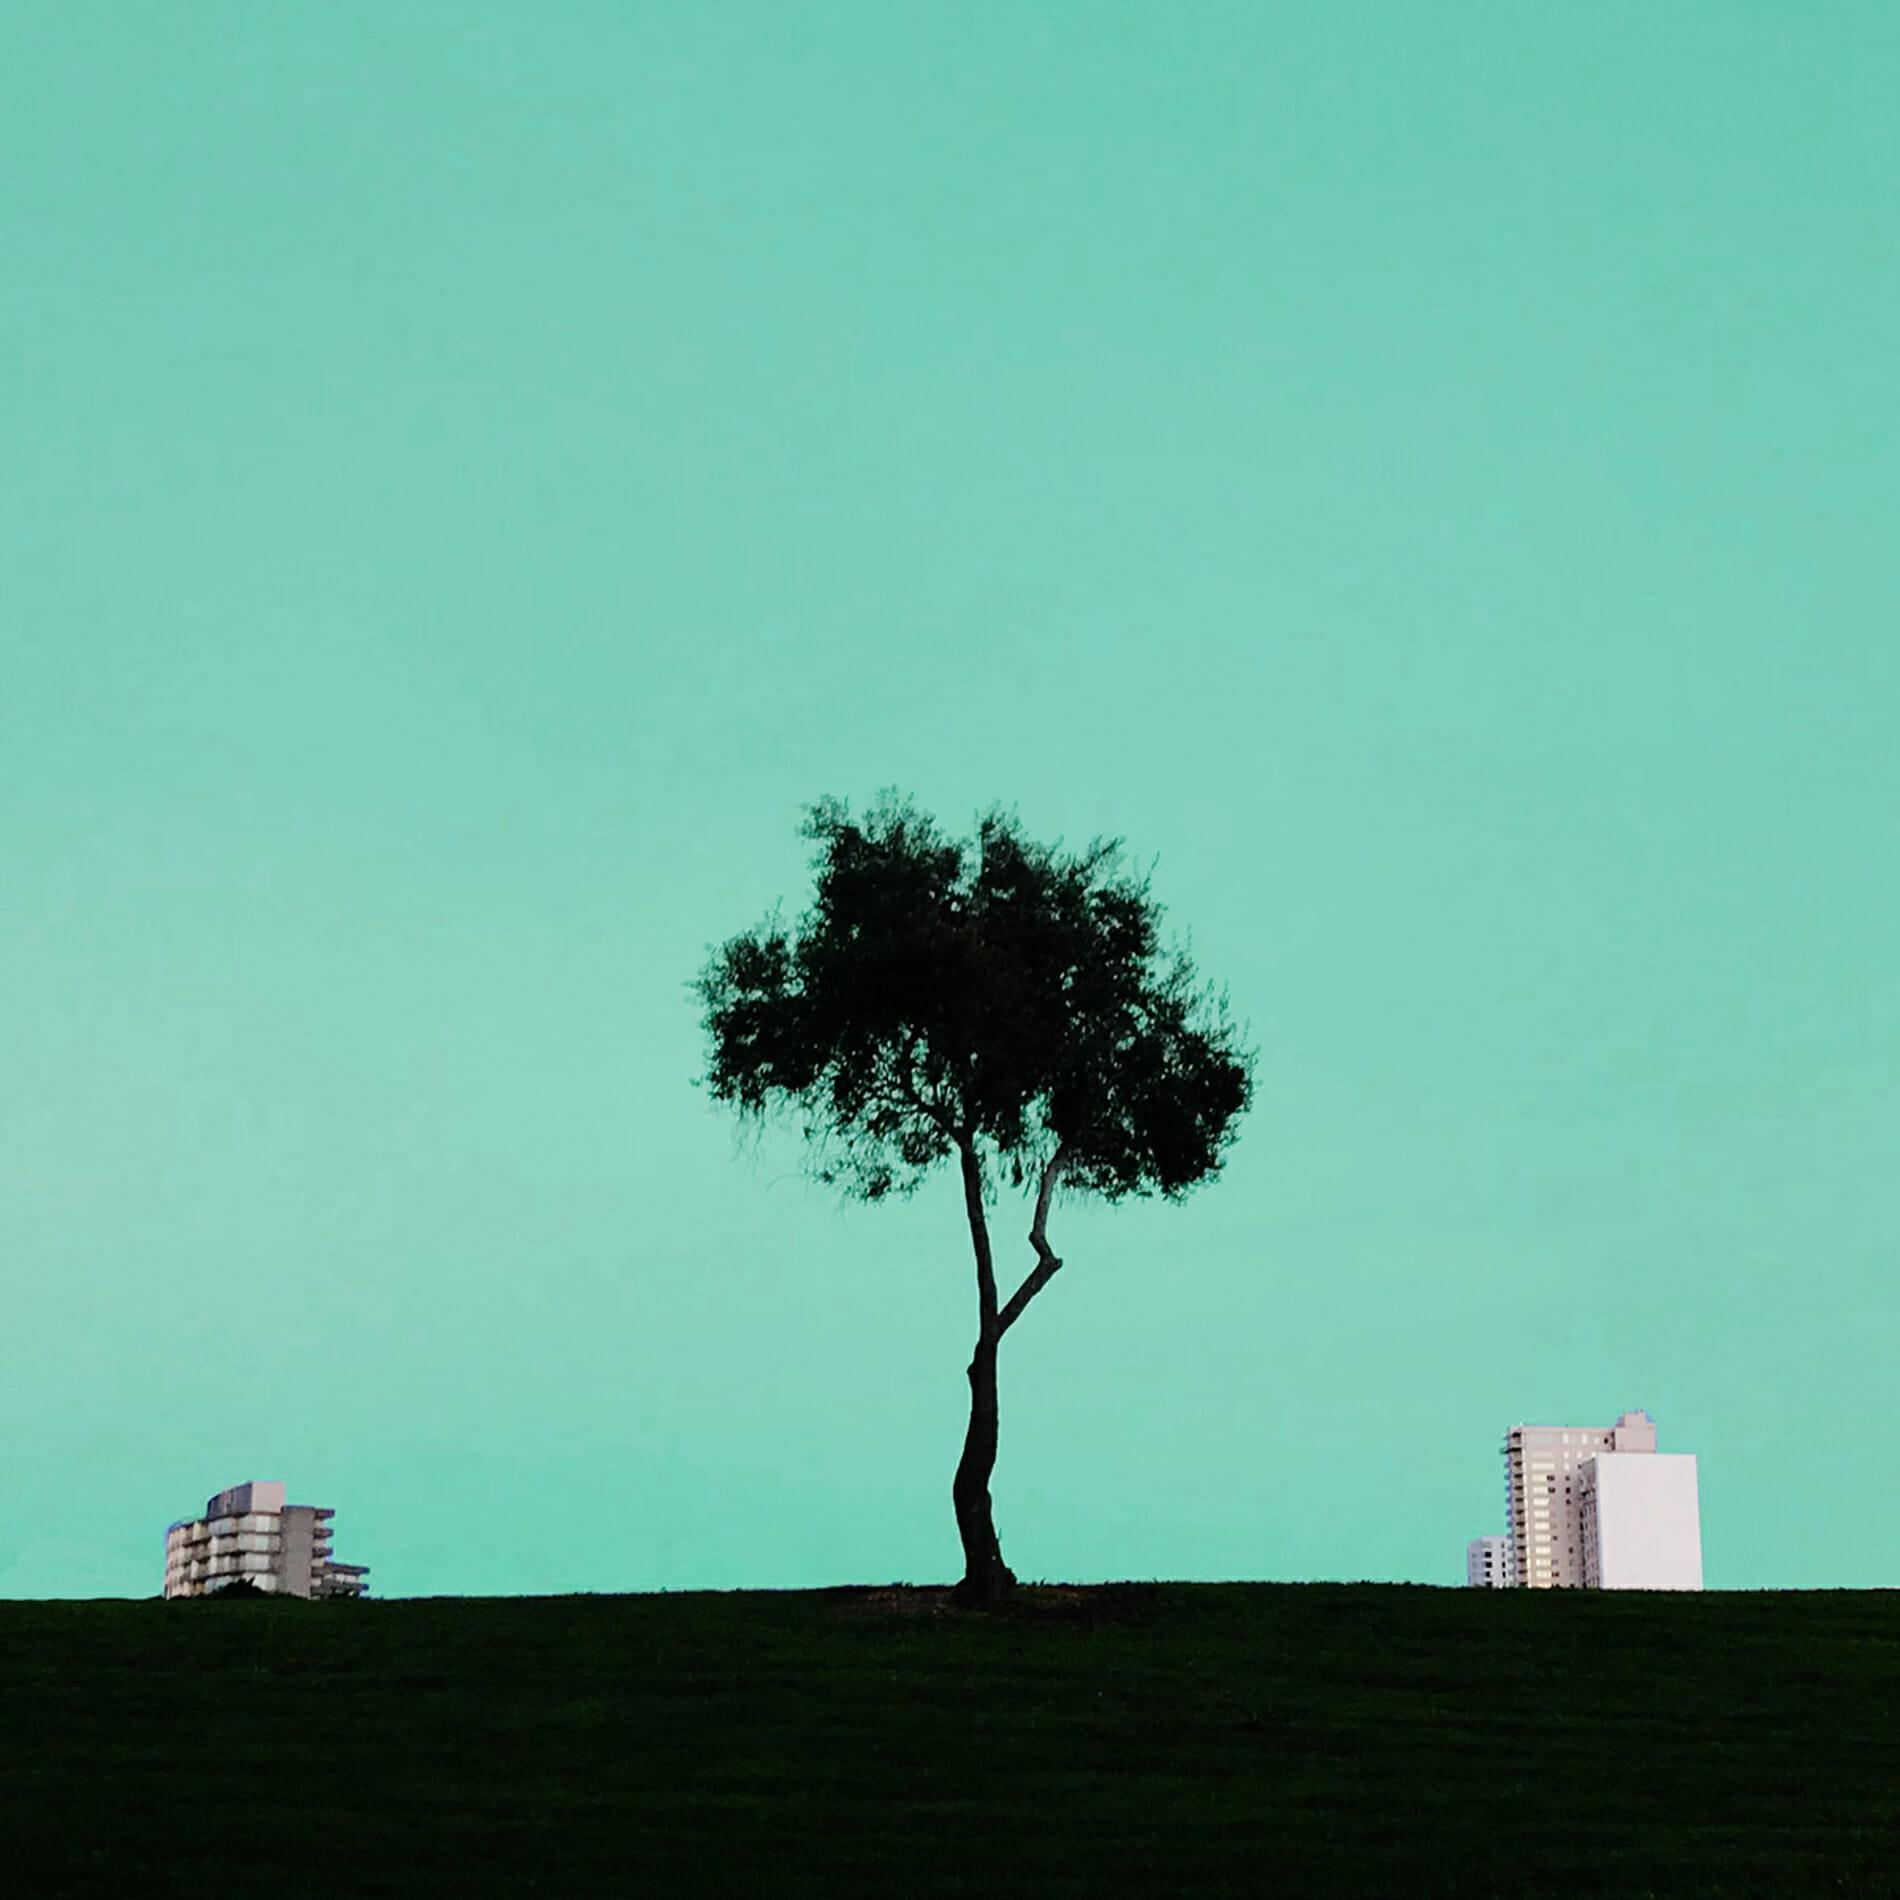 tree inbetween tall buildings